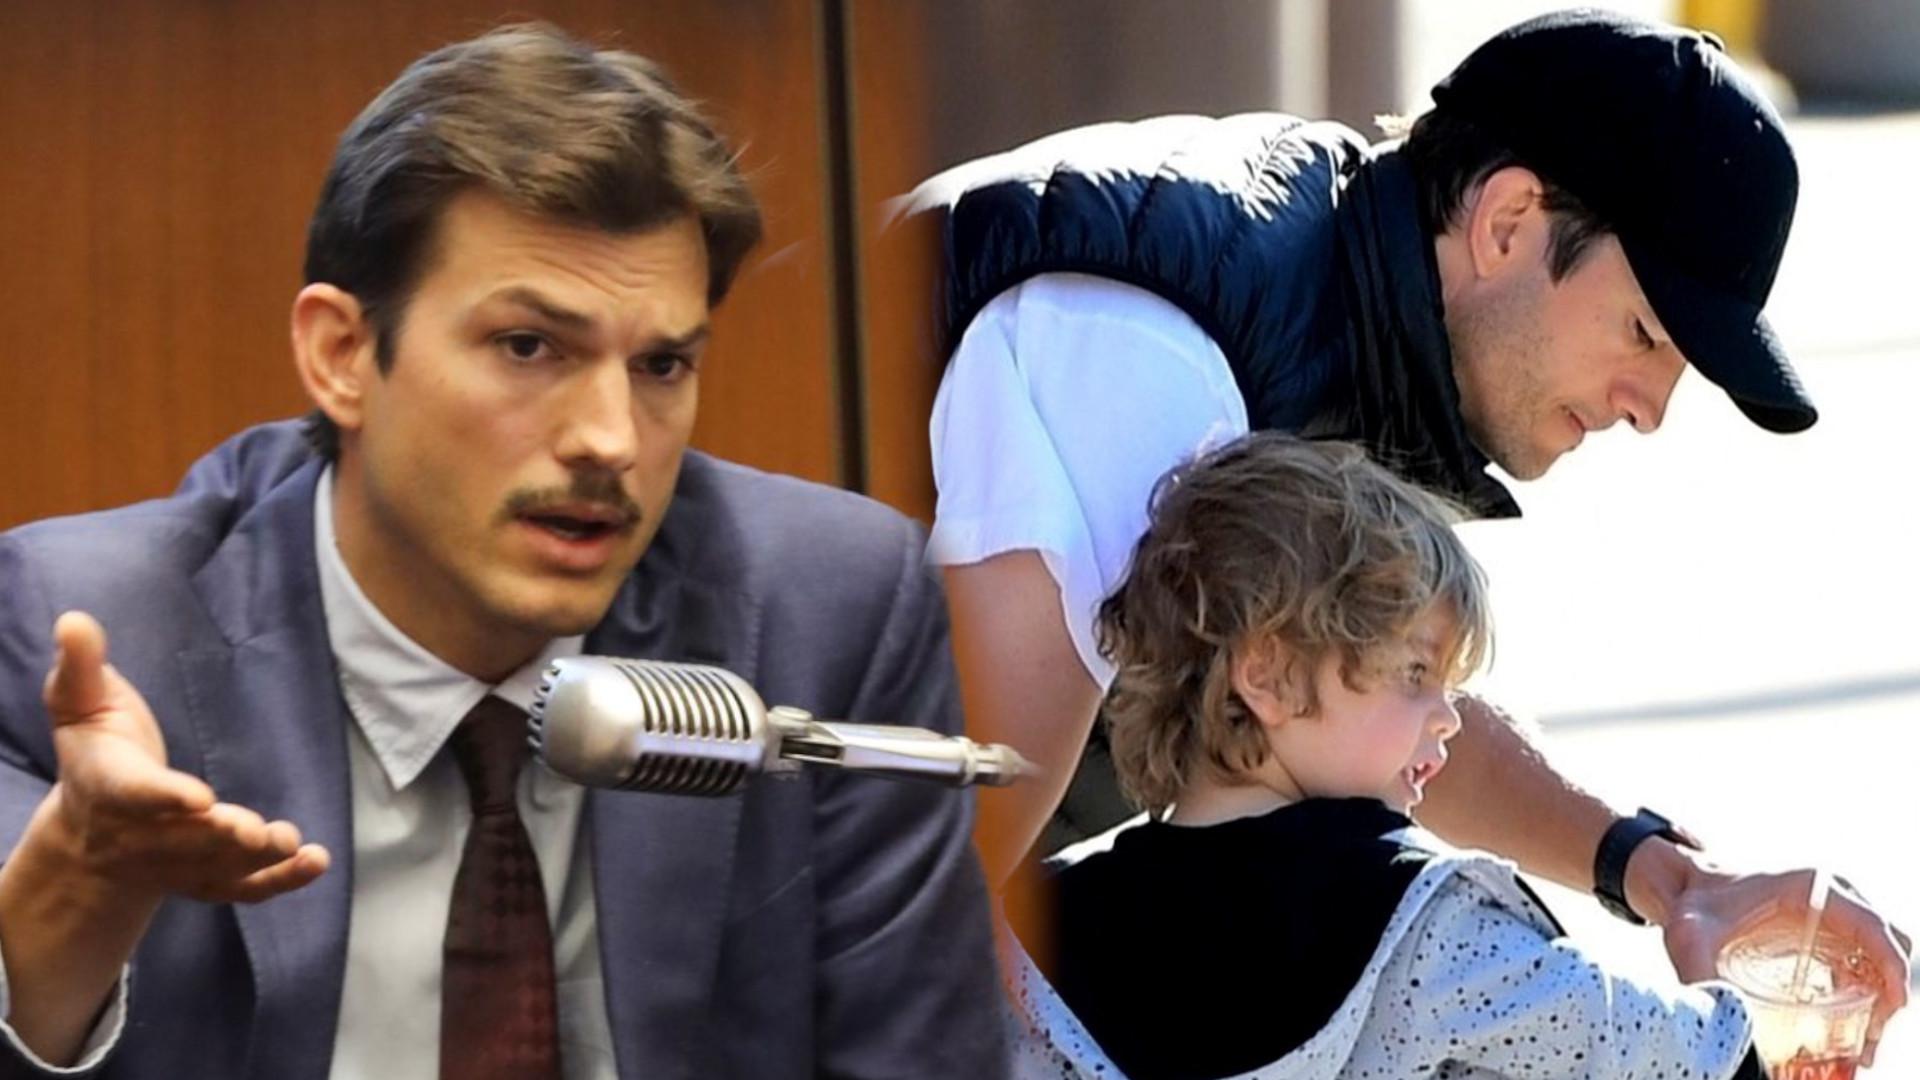 """Ashton Kutcher ostrzega rodziców: """"Kiedy dzieci przychodzą wieczorem do waszej sypialni, może to się źle skończyć"""""""